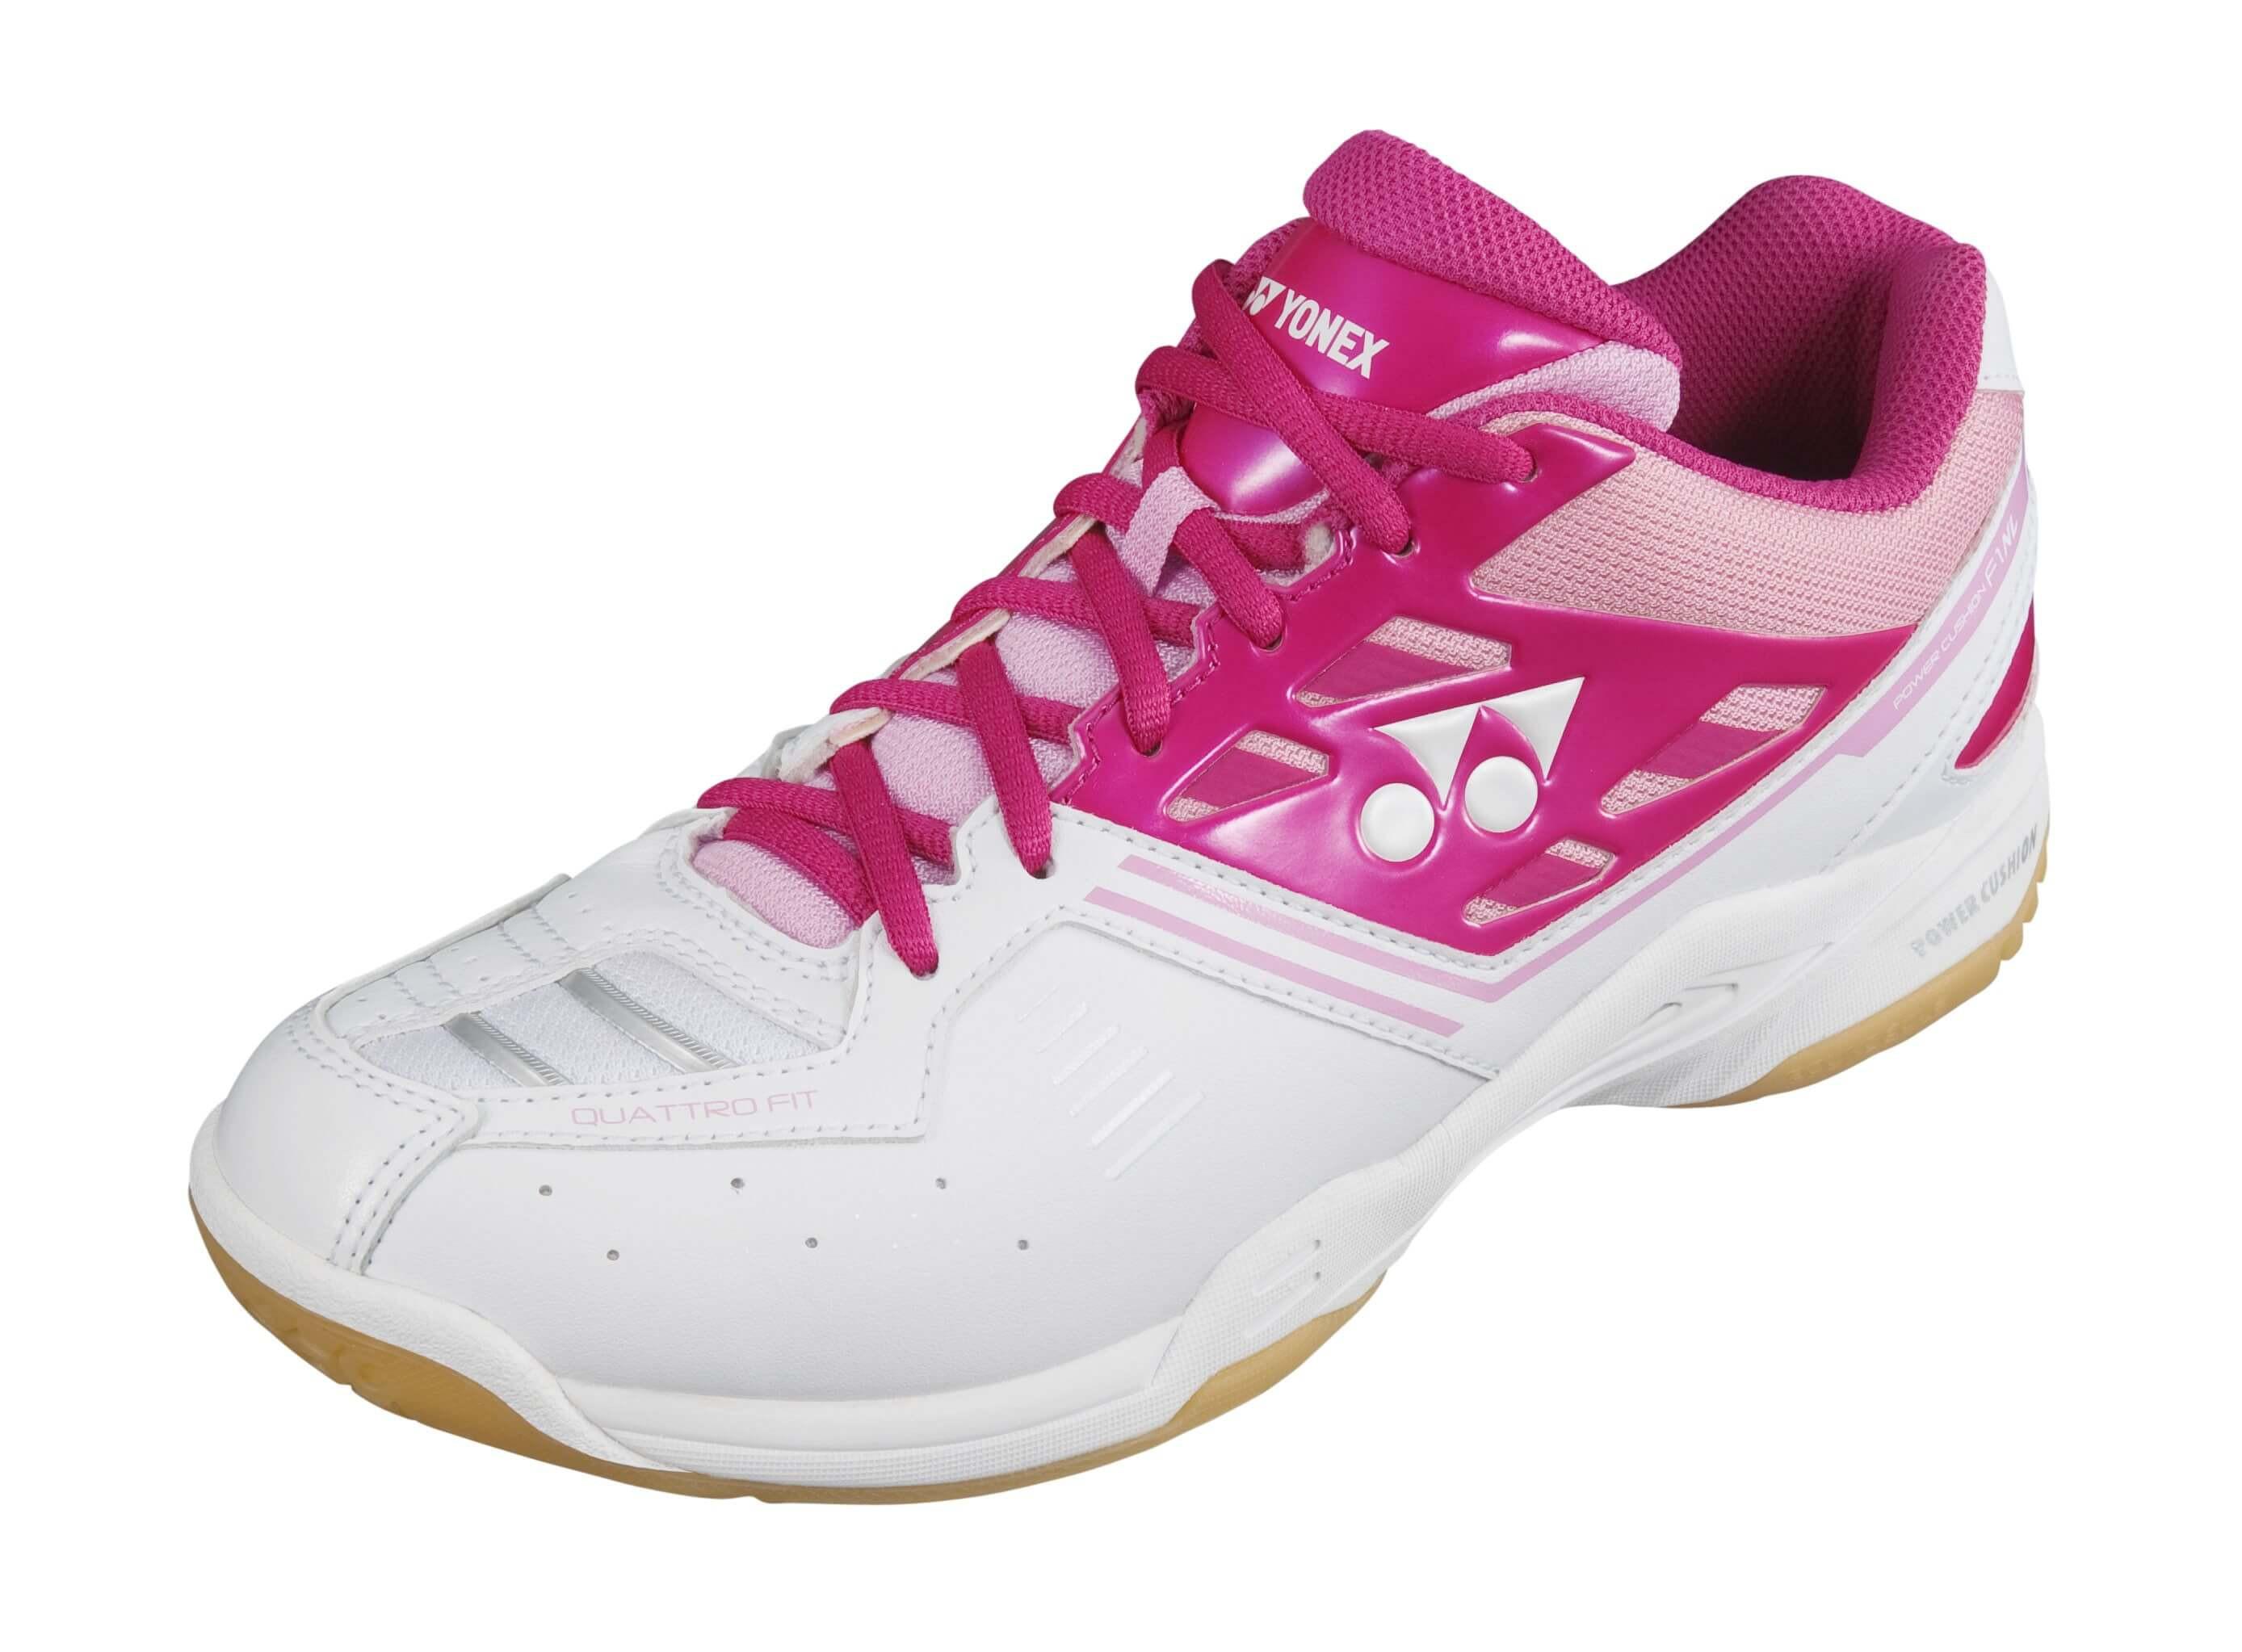 2b8a1be1d57d21 Chaussures de badminton Yonex - +2Bad